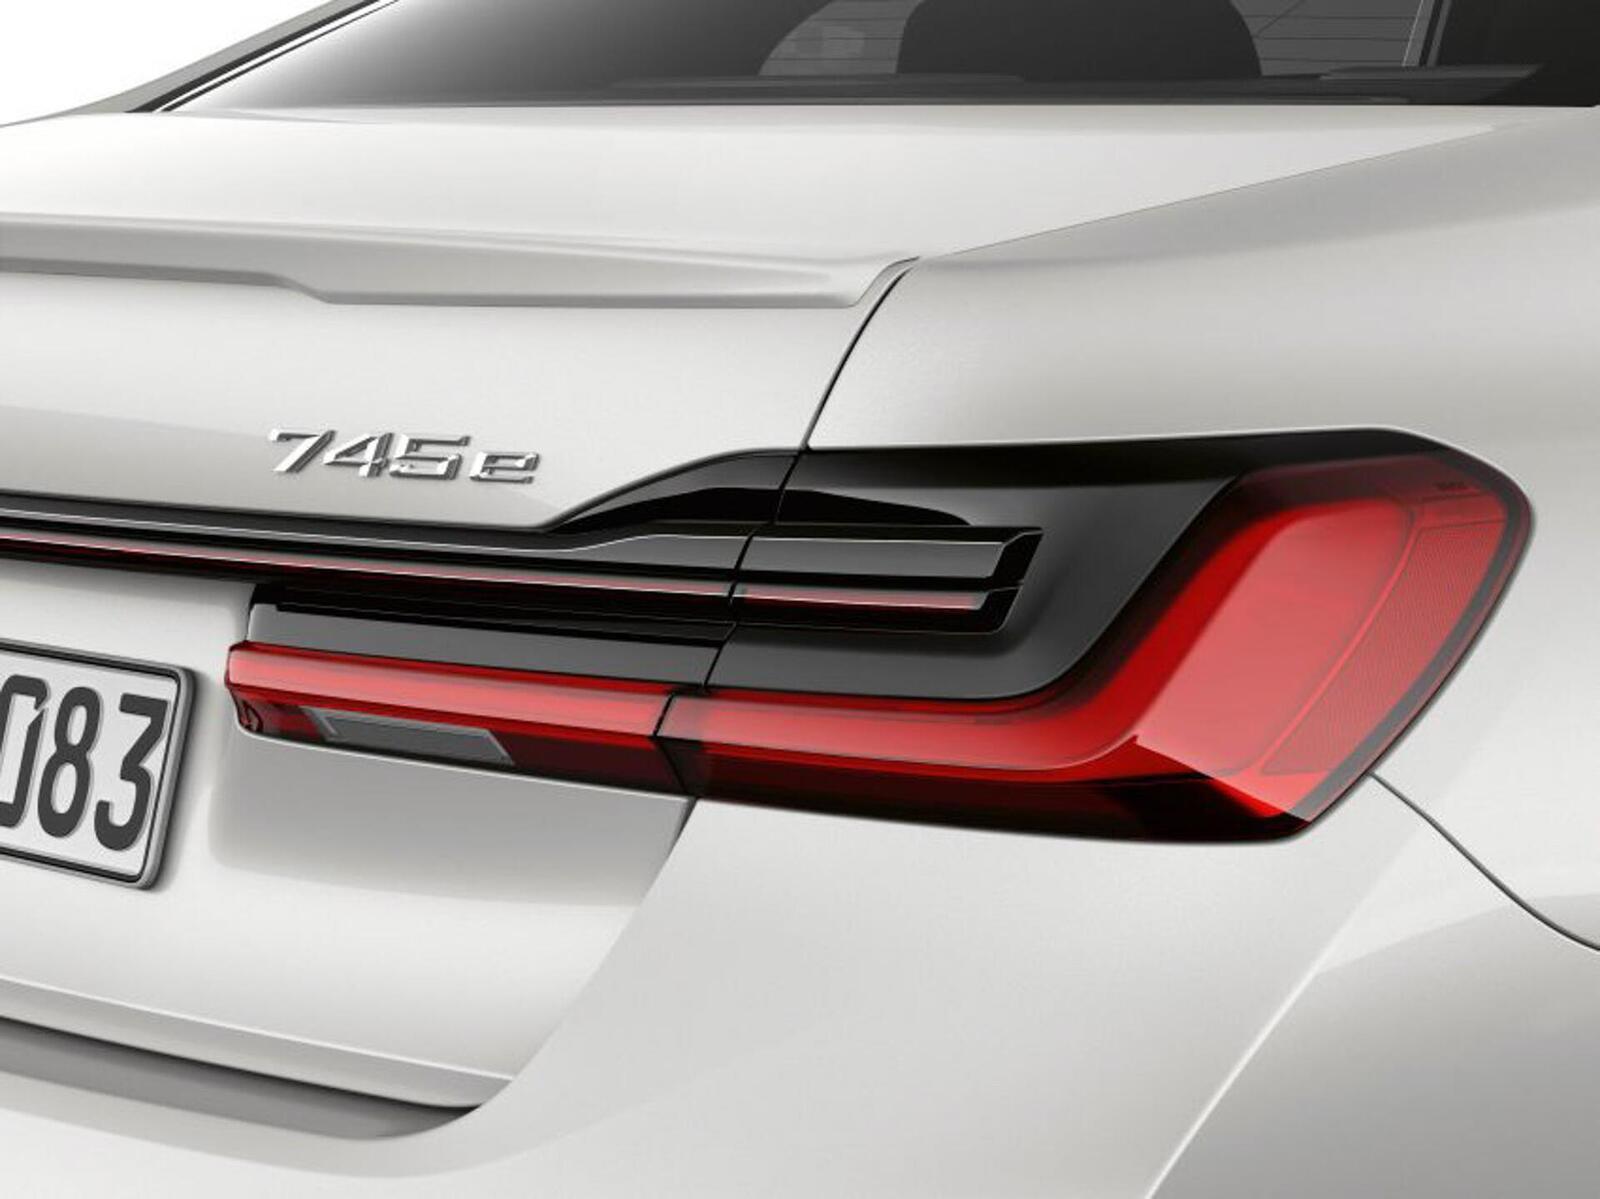 BMW giới thiệu 7 Series PHEV 2020 mới; lắp động cơ 3.0L mới thay chế cho 2.0L cũ - Hình 9